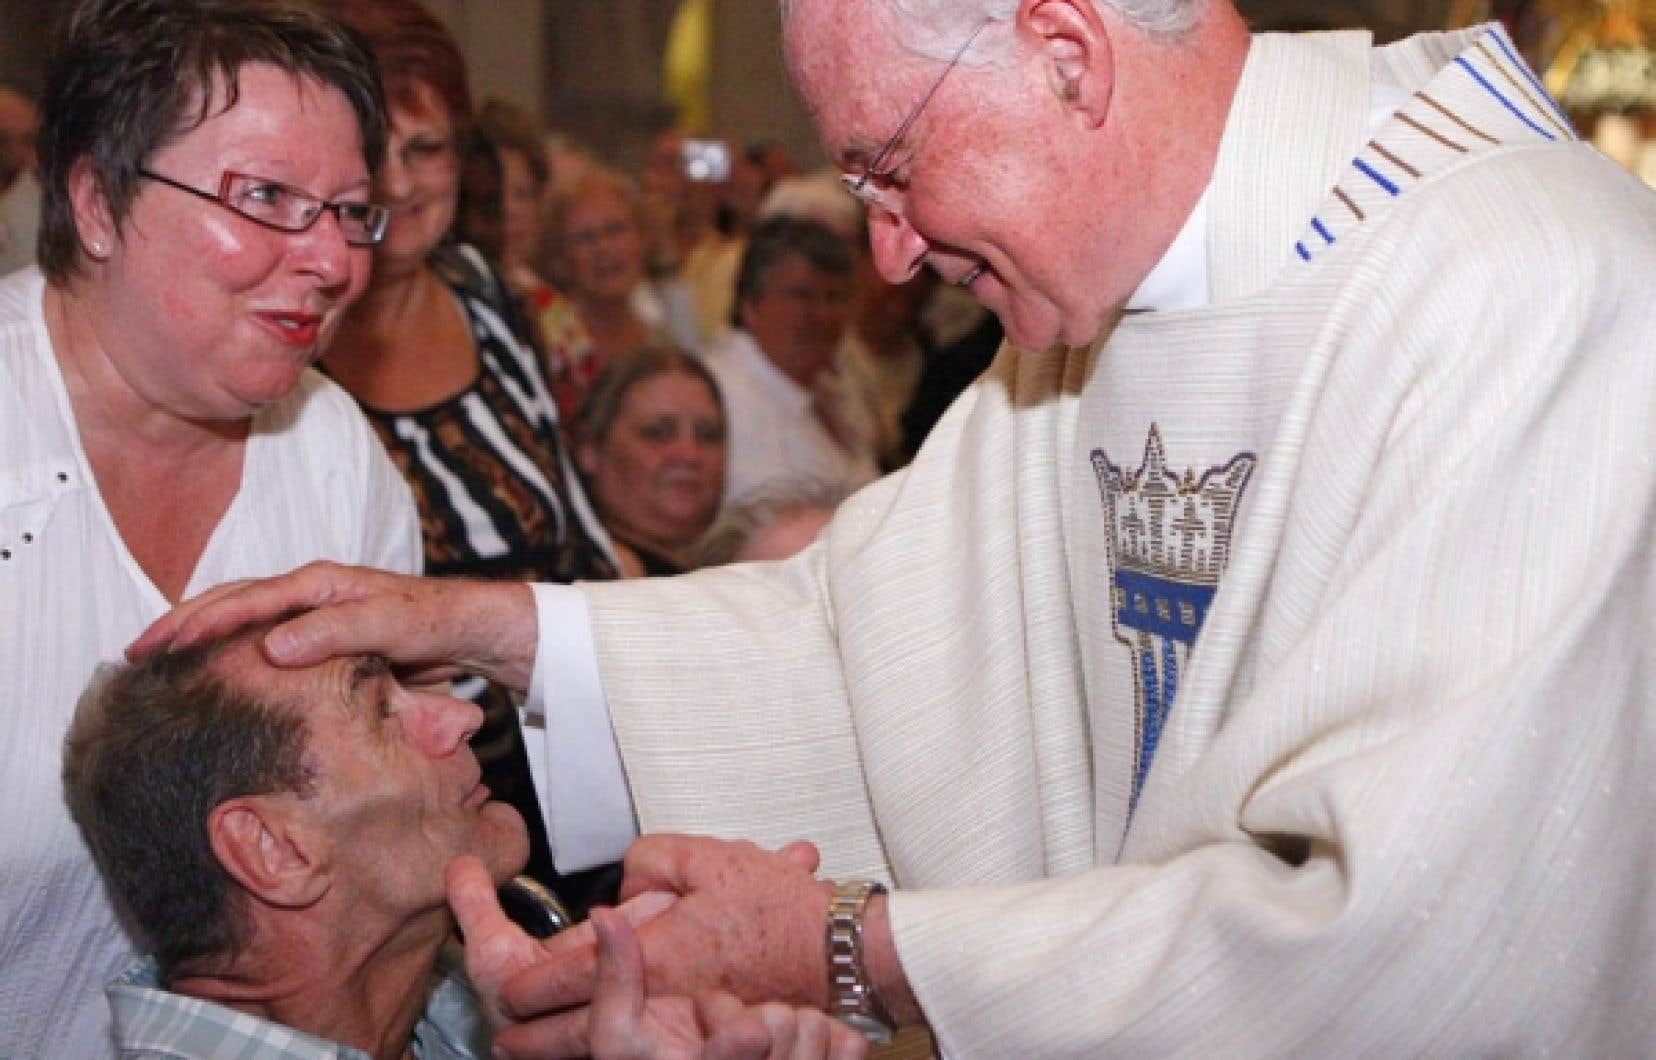 L'archevêque de Québec, Marc Ouellet, a fait ses adieux aux fidèles lors d'une grande messe célébrée hier à la basilique de Sainte-Anne-de-Beaupré.<br />